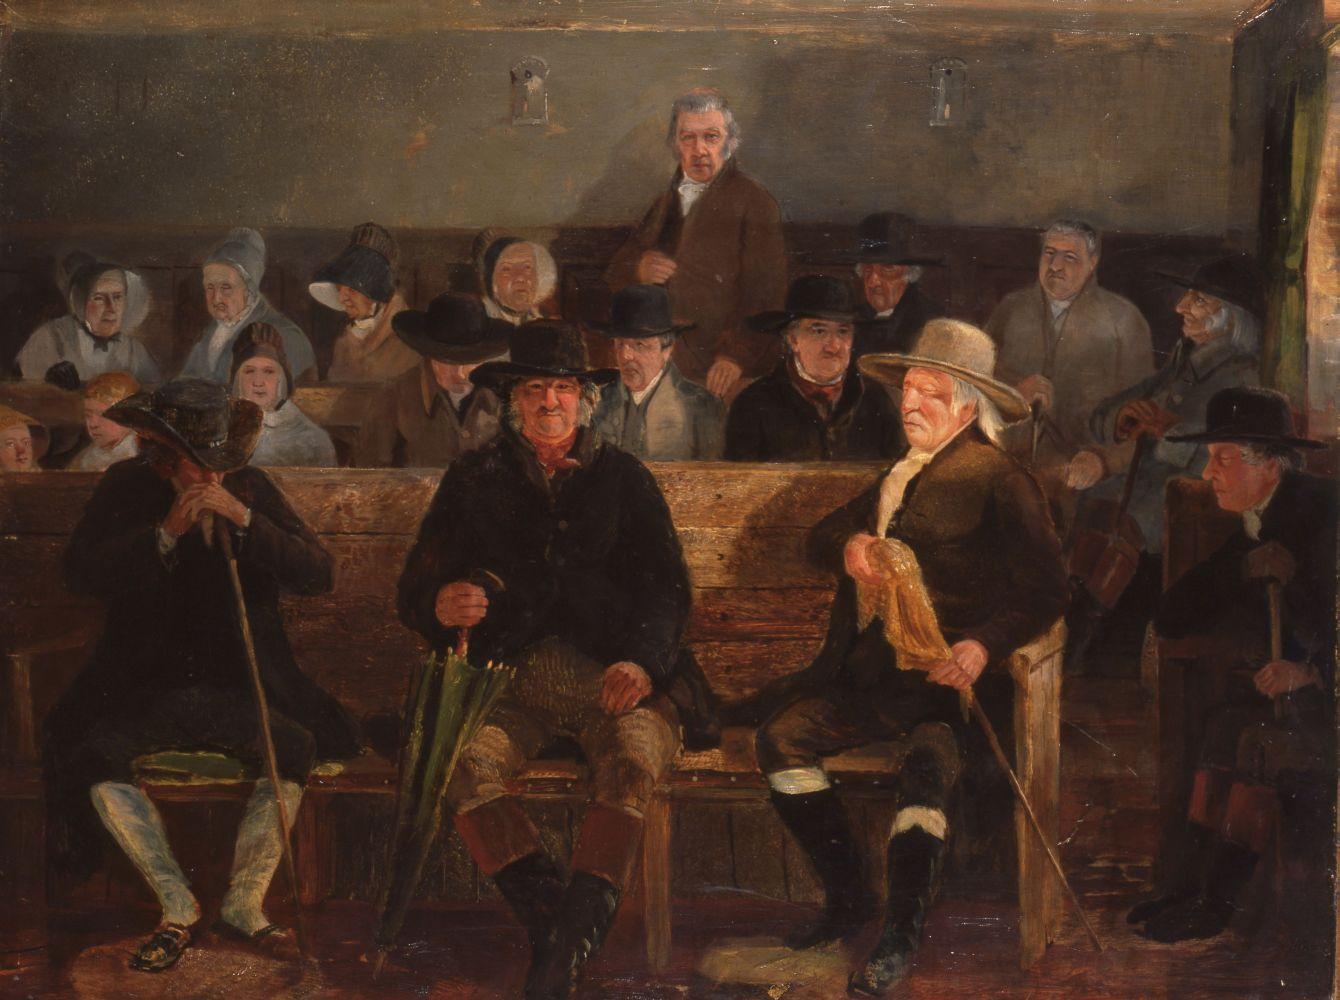 «Иеритское месячное собрание». Сэмюэл Лукас. Ок. 1840